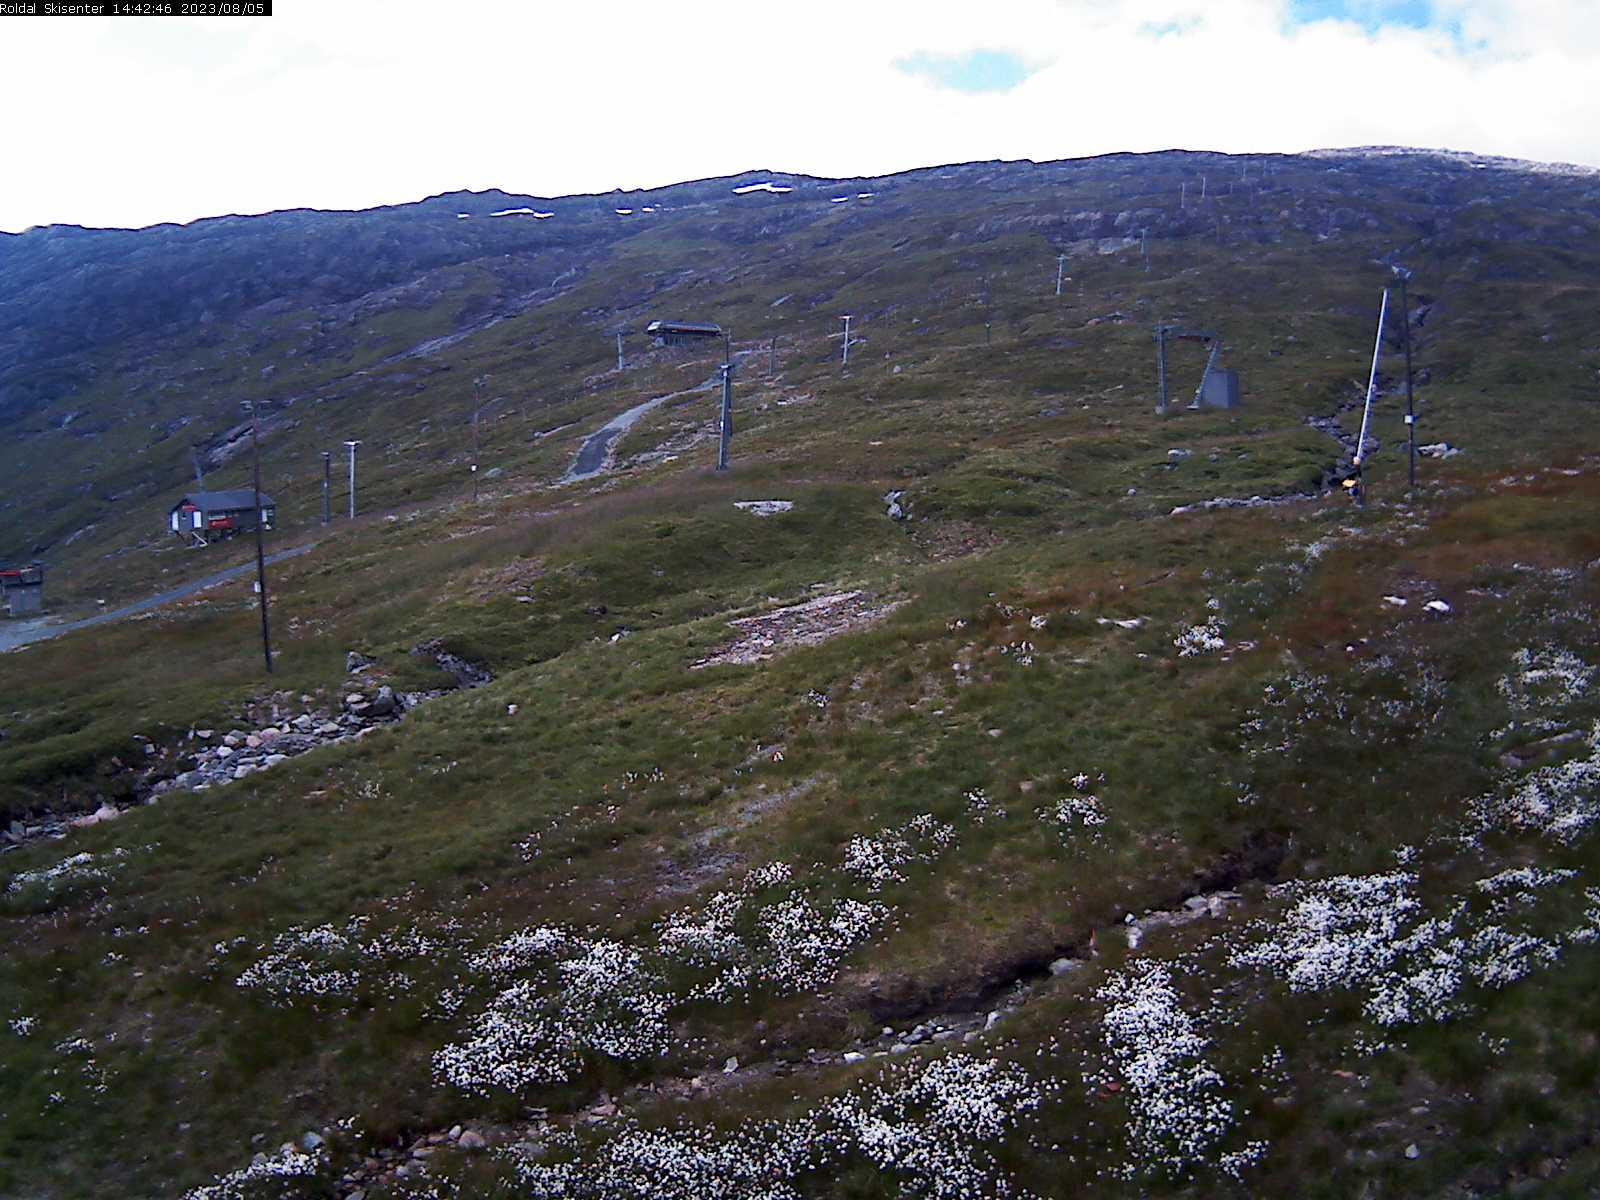 Webkamera Røldal Skisenter øvre varmestue